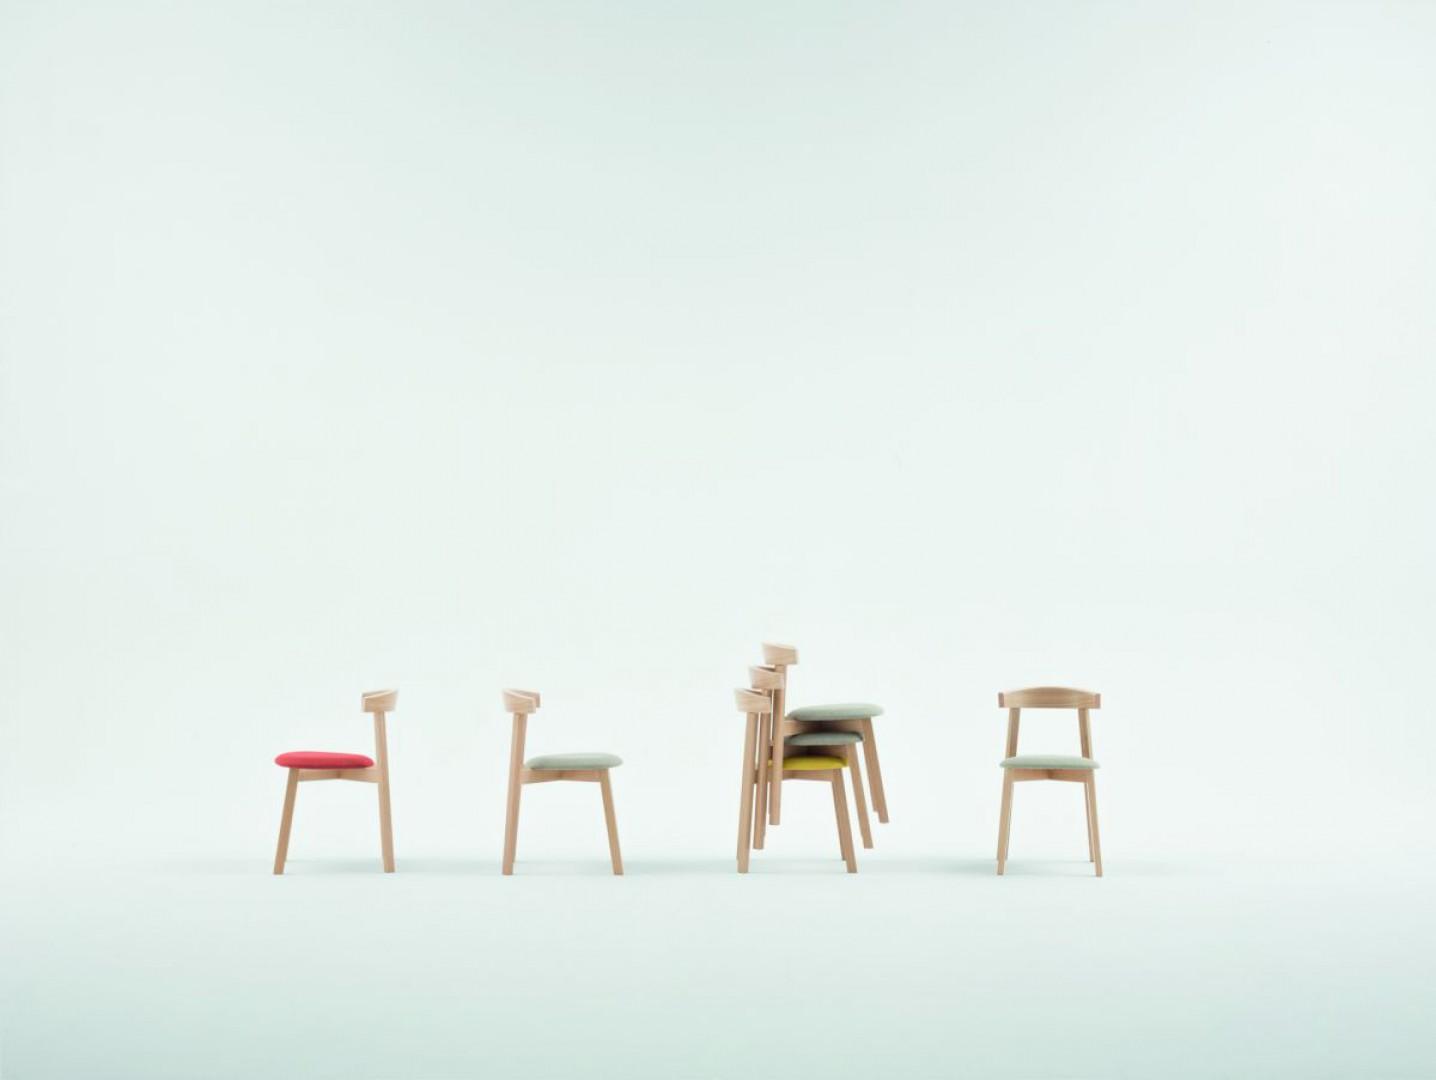 """Seria krzeseł """"Uxi"""" (Paged). Fot. Paged/Ernest Wińczyk"""